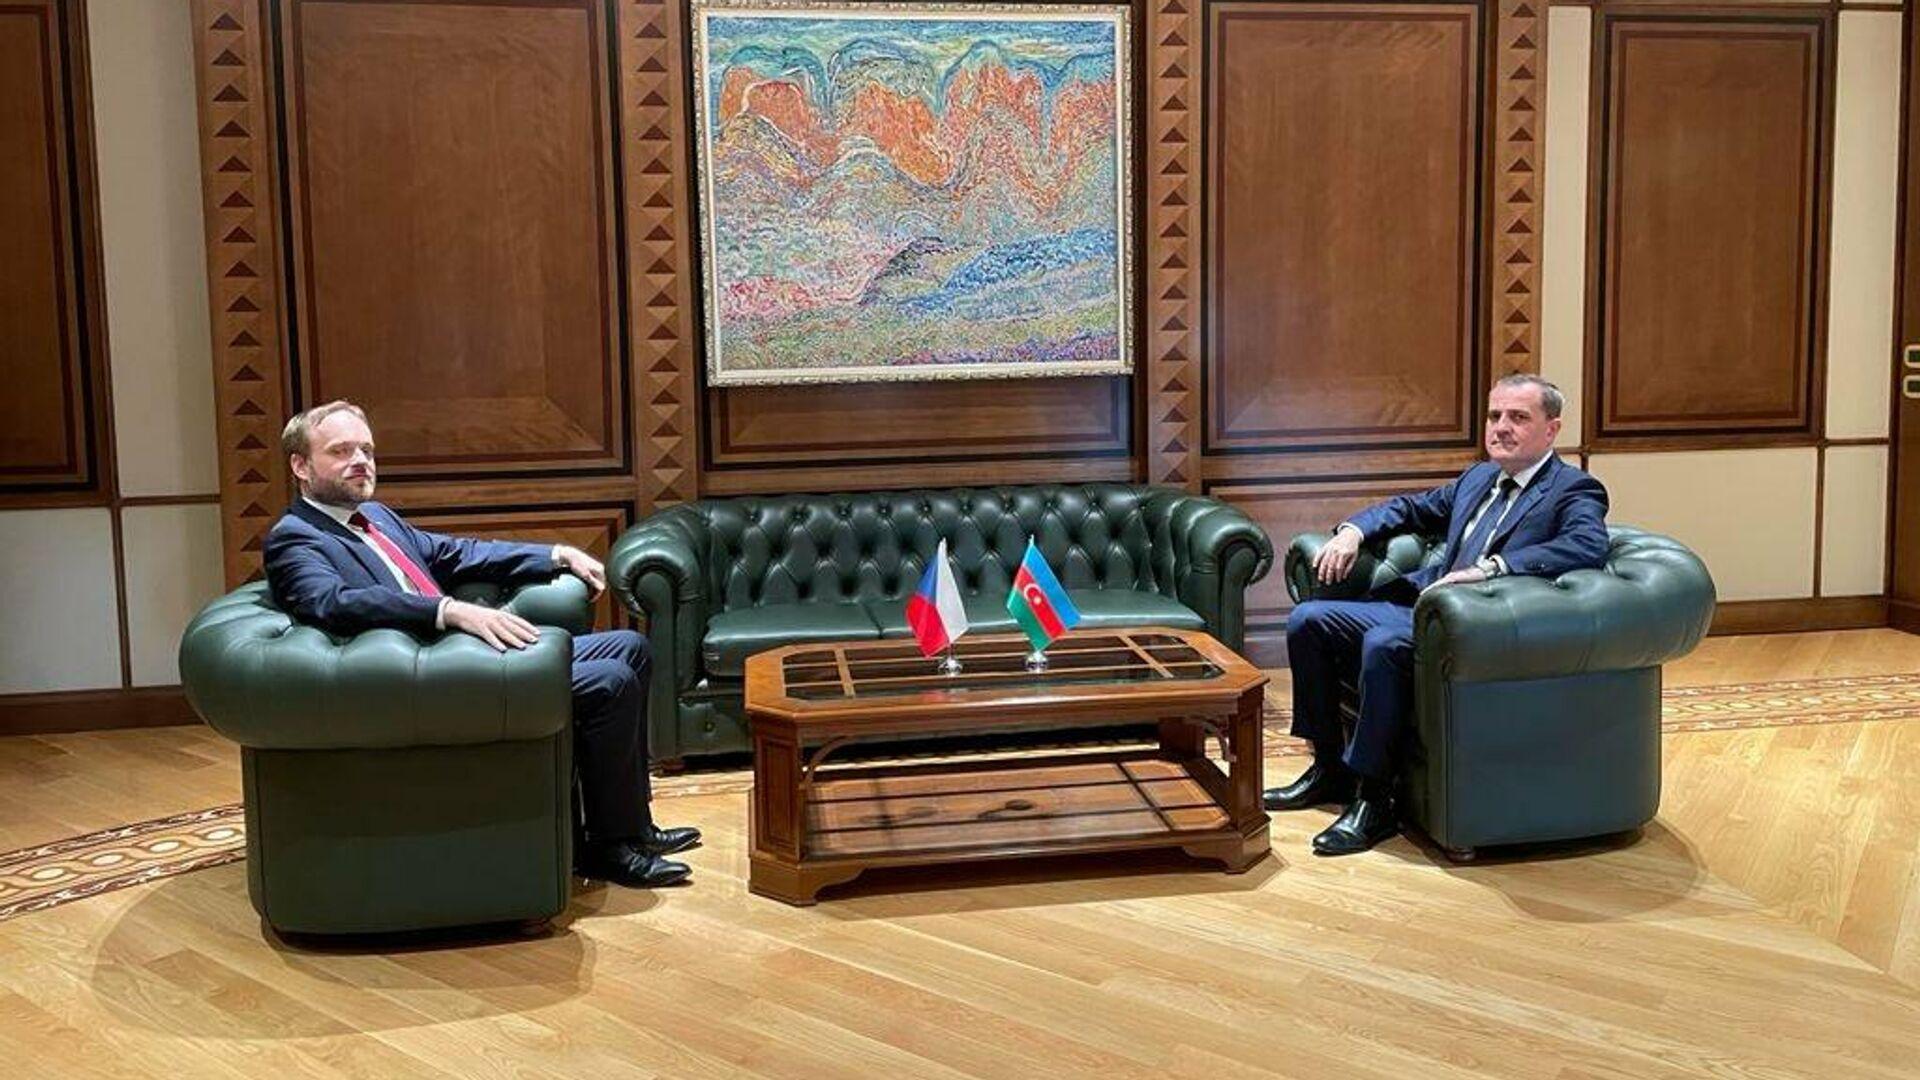 Министр иностранных дел Азербайджана Джейхун Байрамов в четверг, 30 сентября, встретился с чешским коллегой Якубом Кулганеком - Sputnik Азербайджан, 1920, 30.09.2021